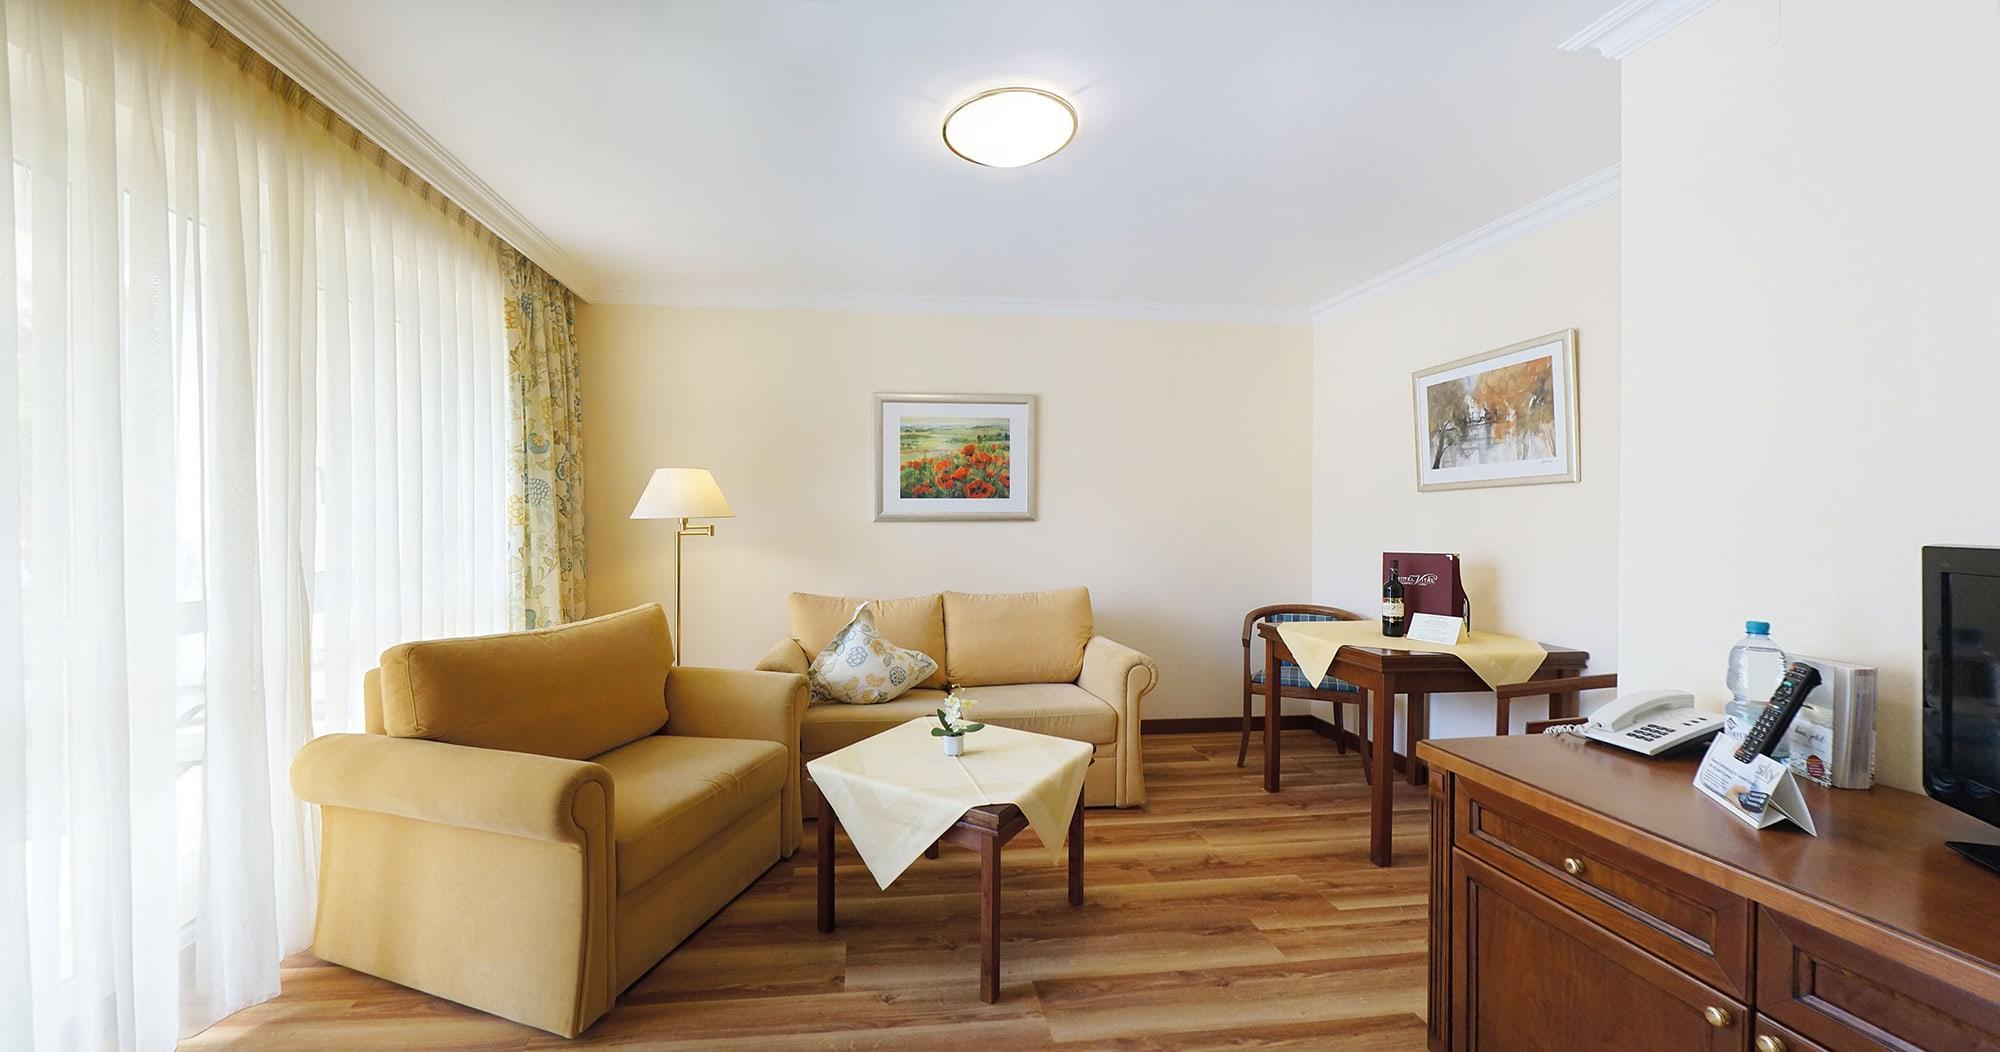 hotel vital vallaster garni bad füssing behindertengerechte suite wohnraum